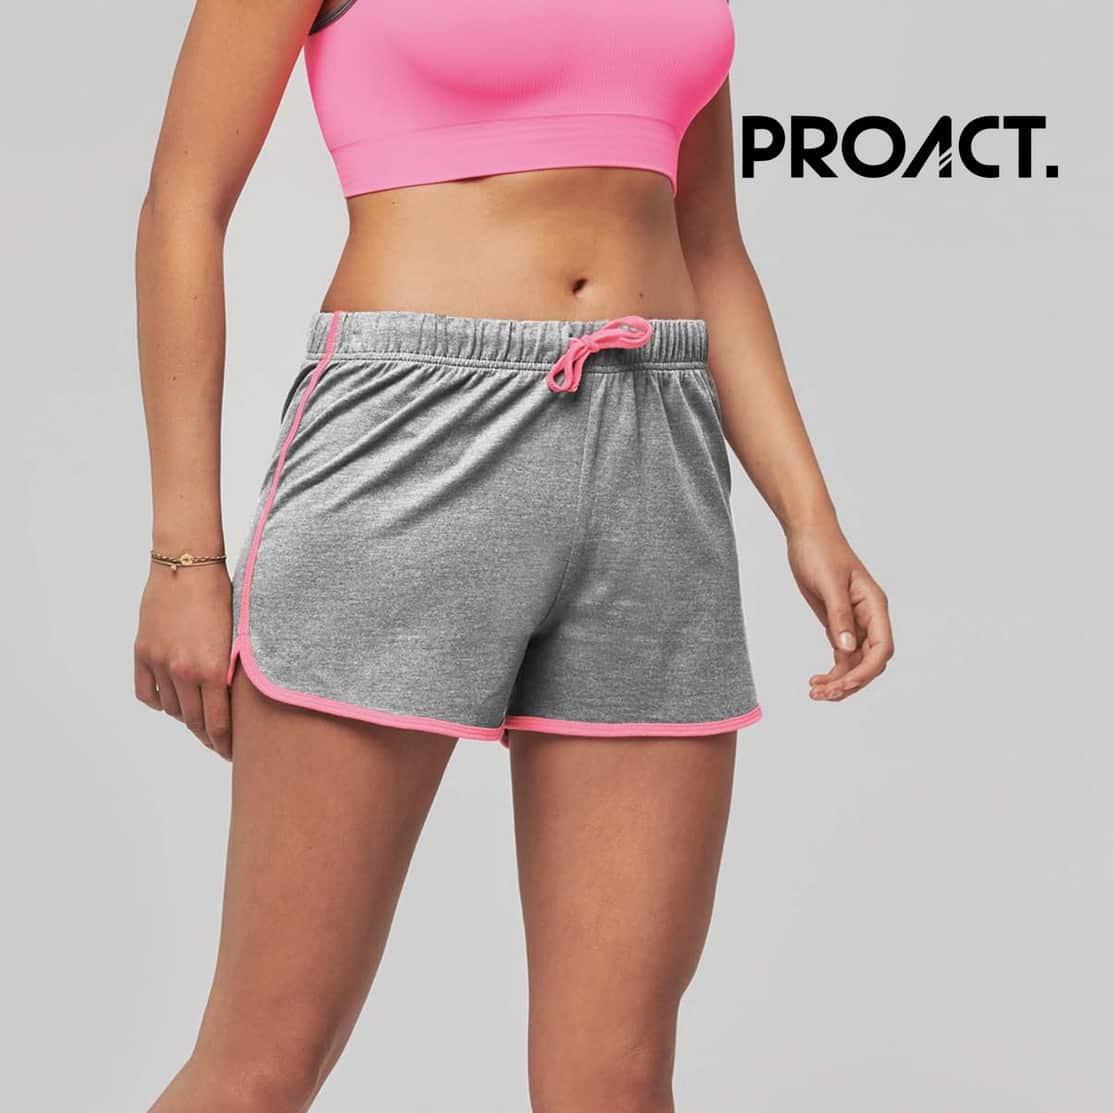 Donna con pantaloncini corti grigi 100% in cotone